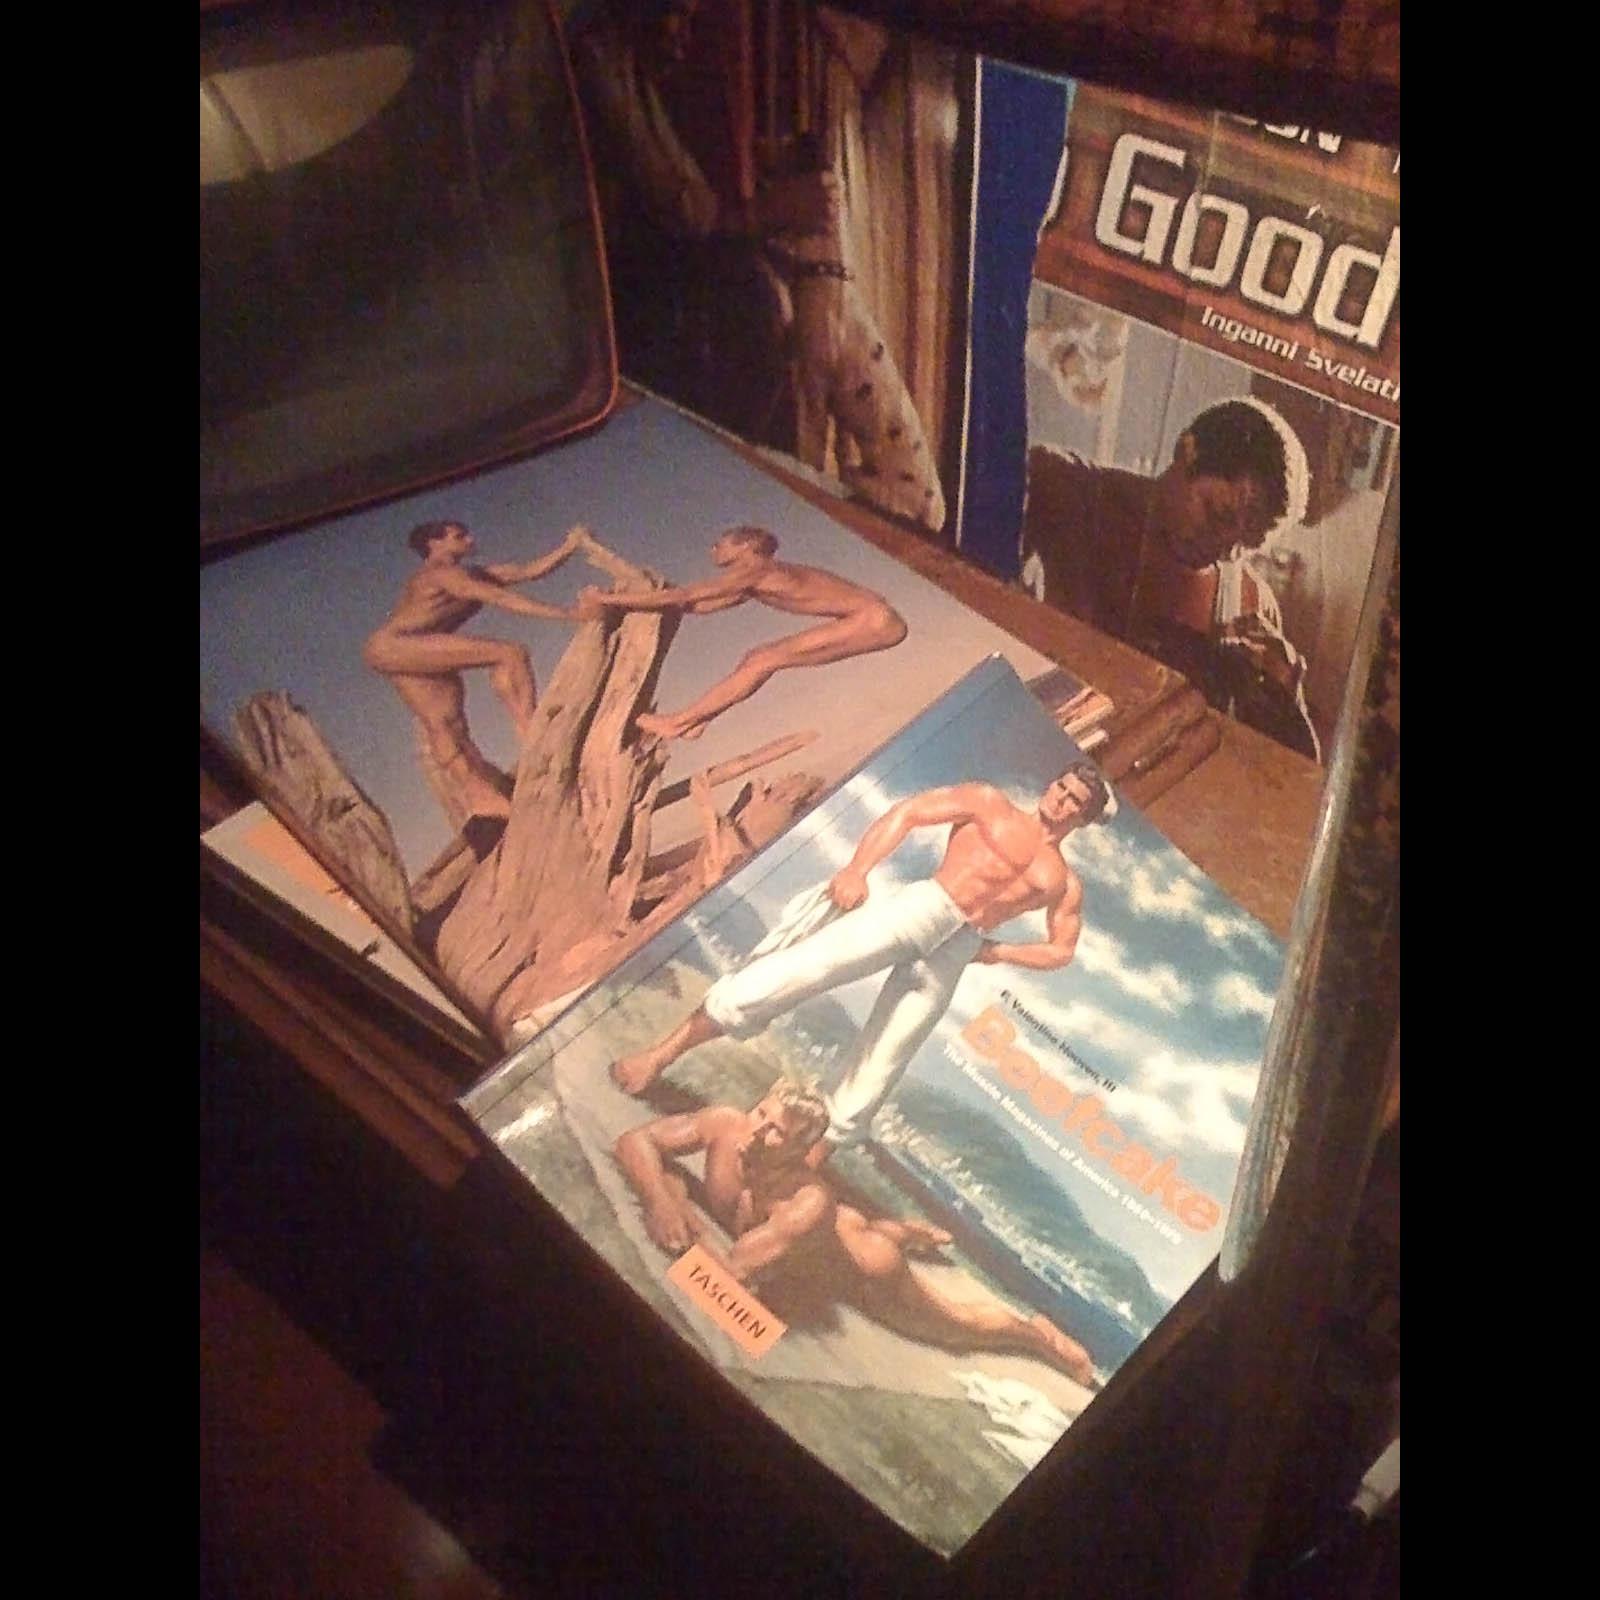 improponibile maschioni siena libri